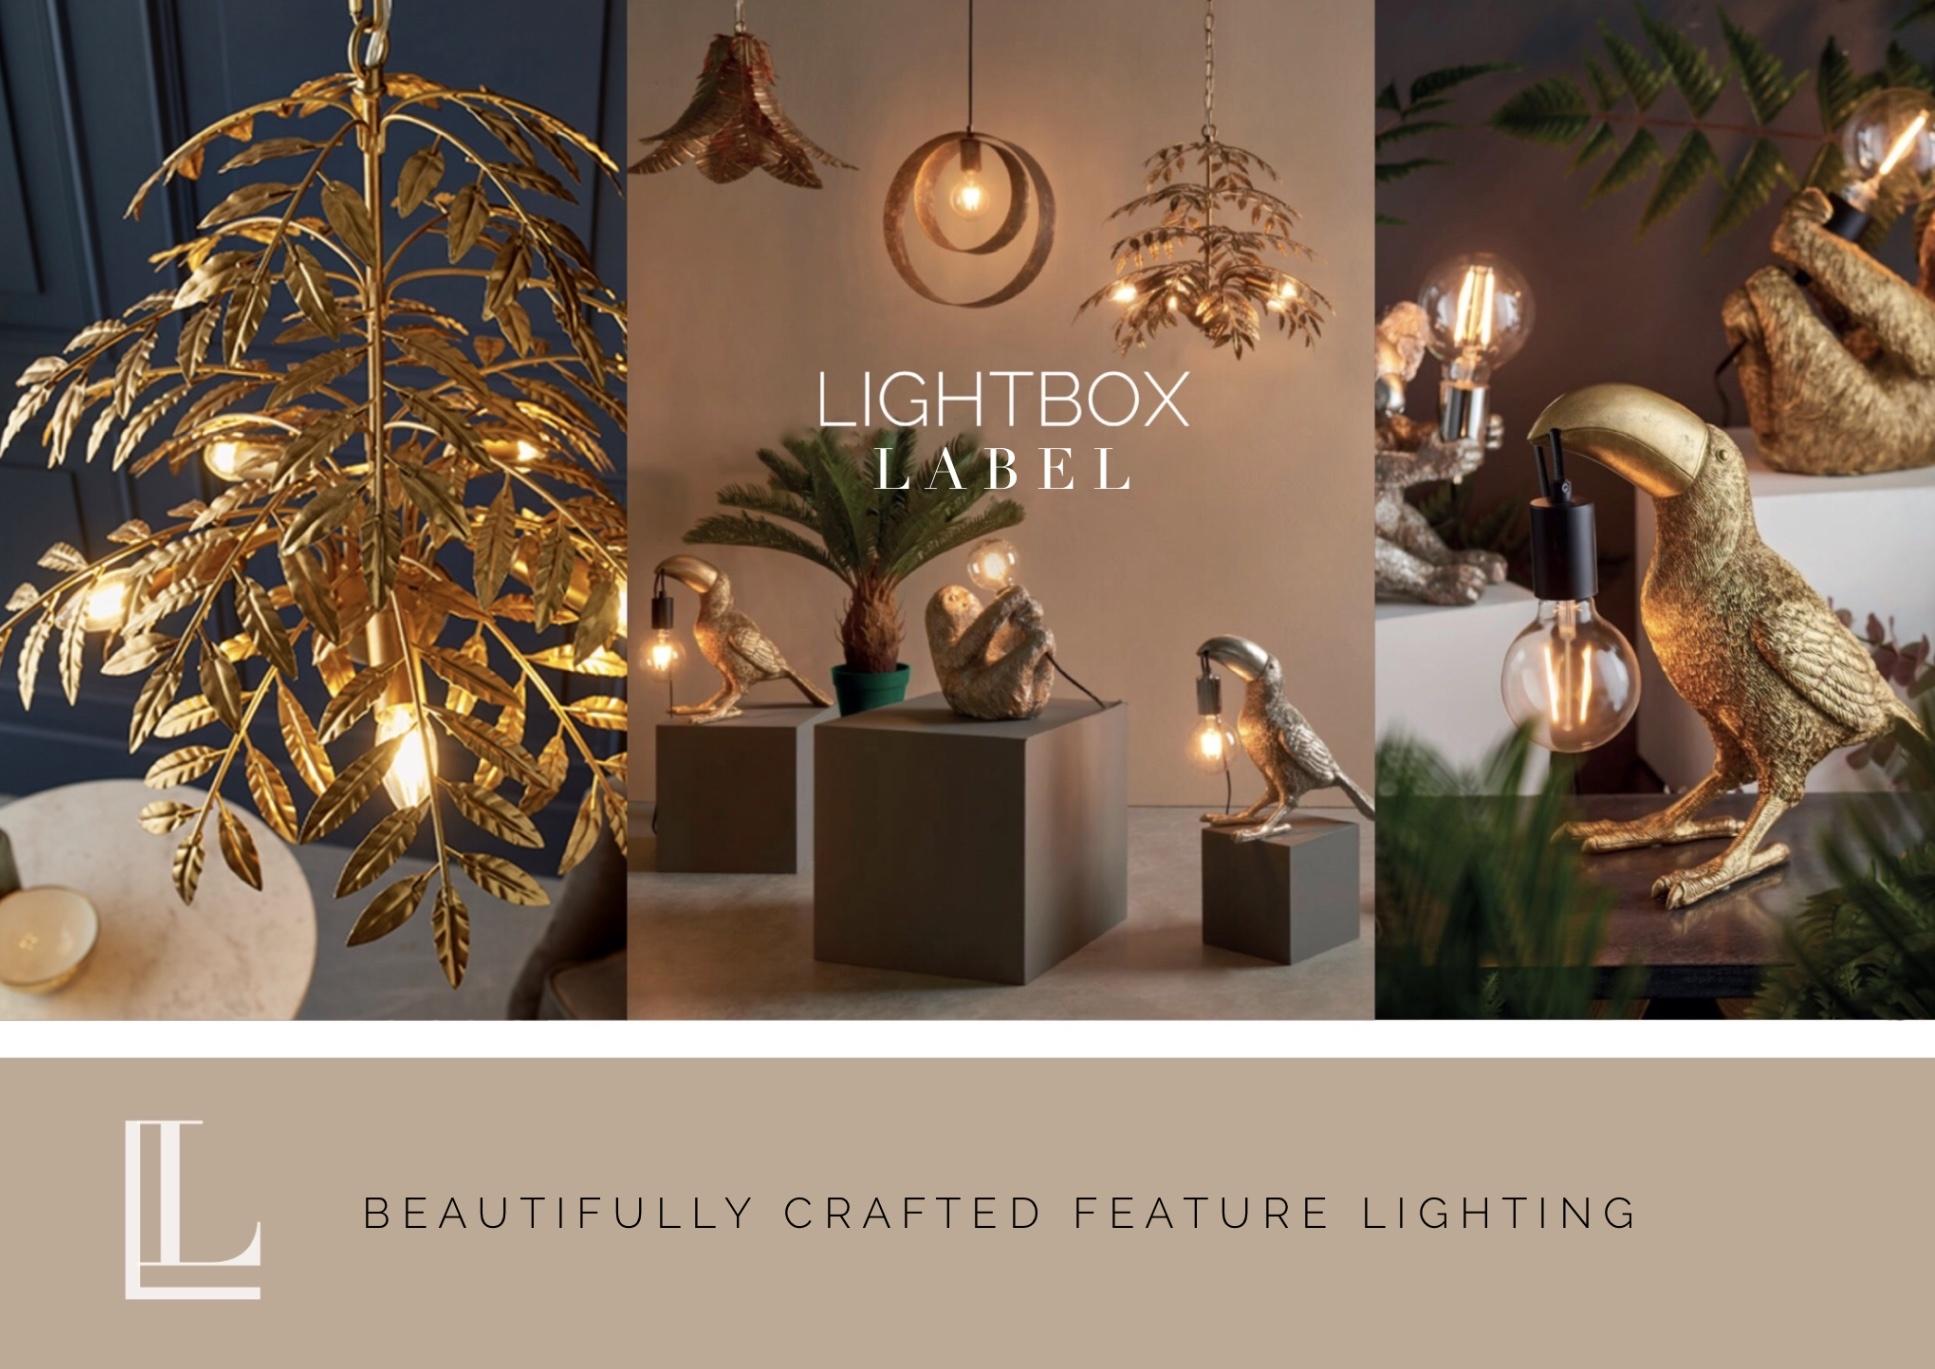 Tropical animal lighting